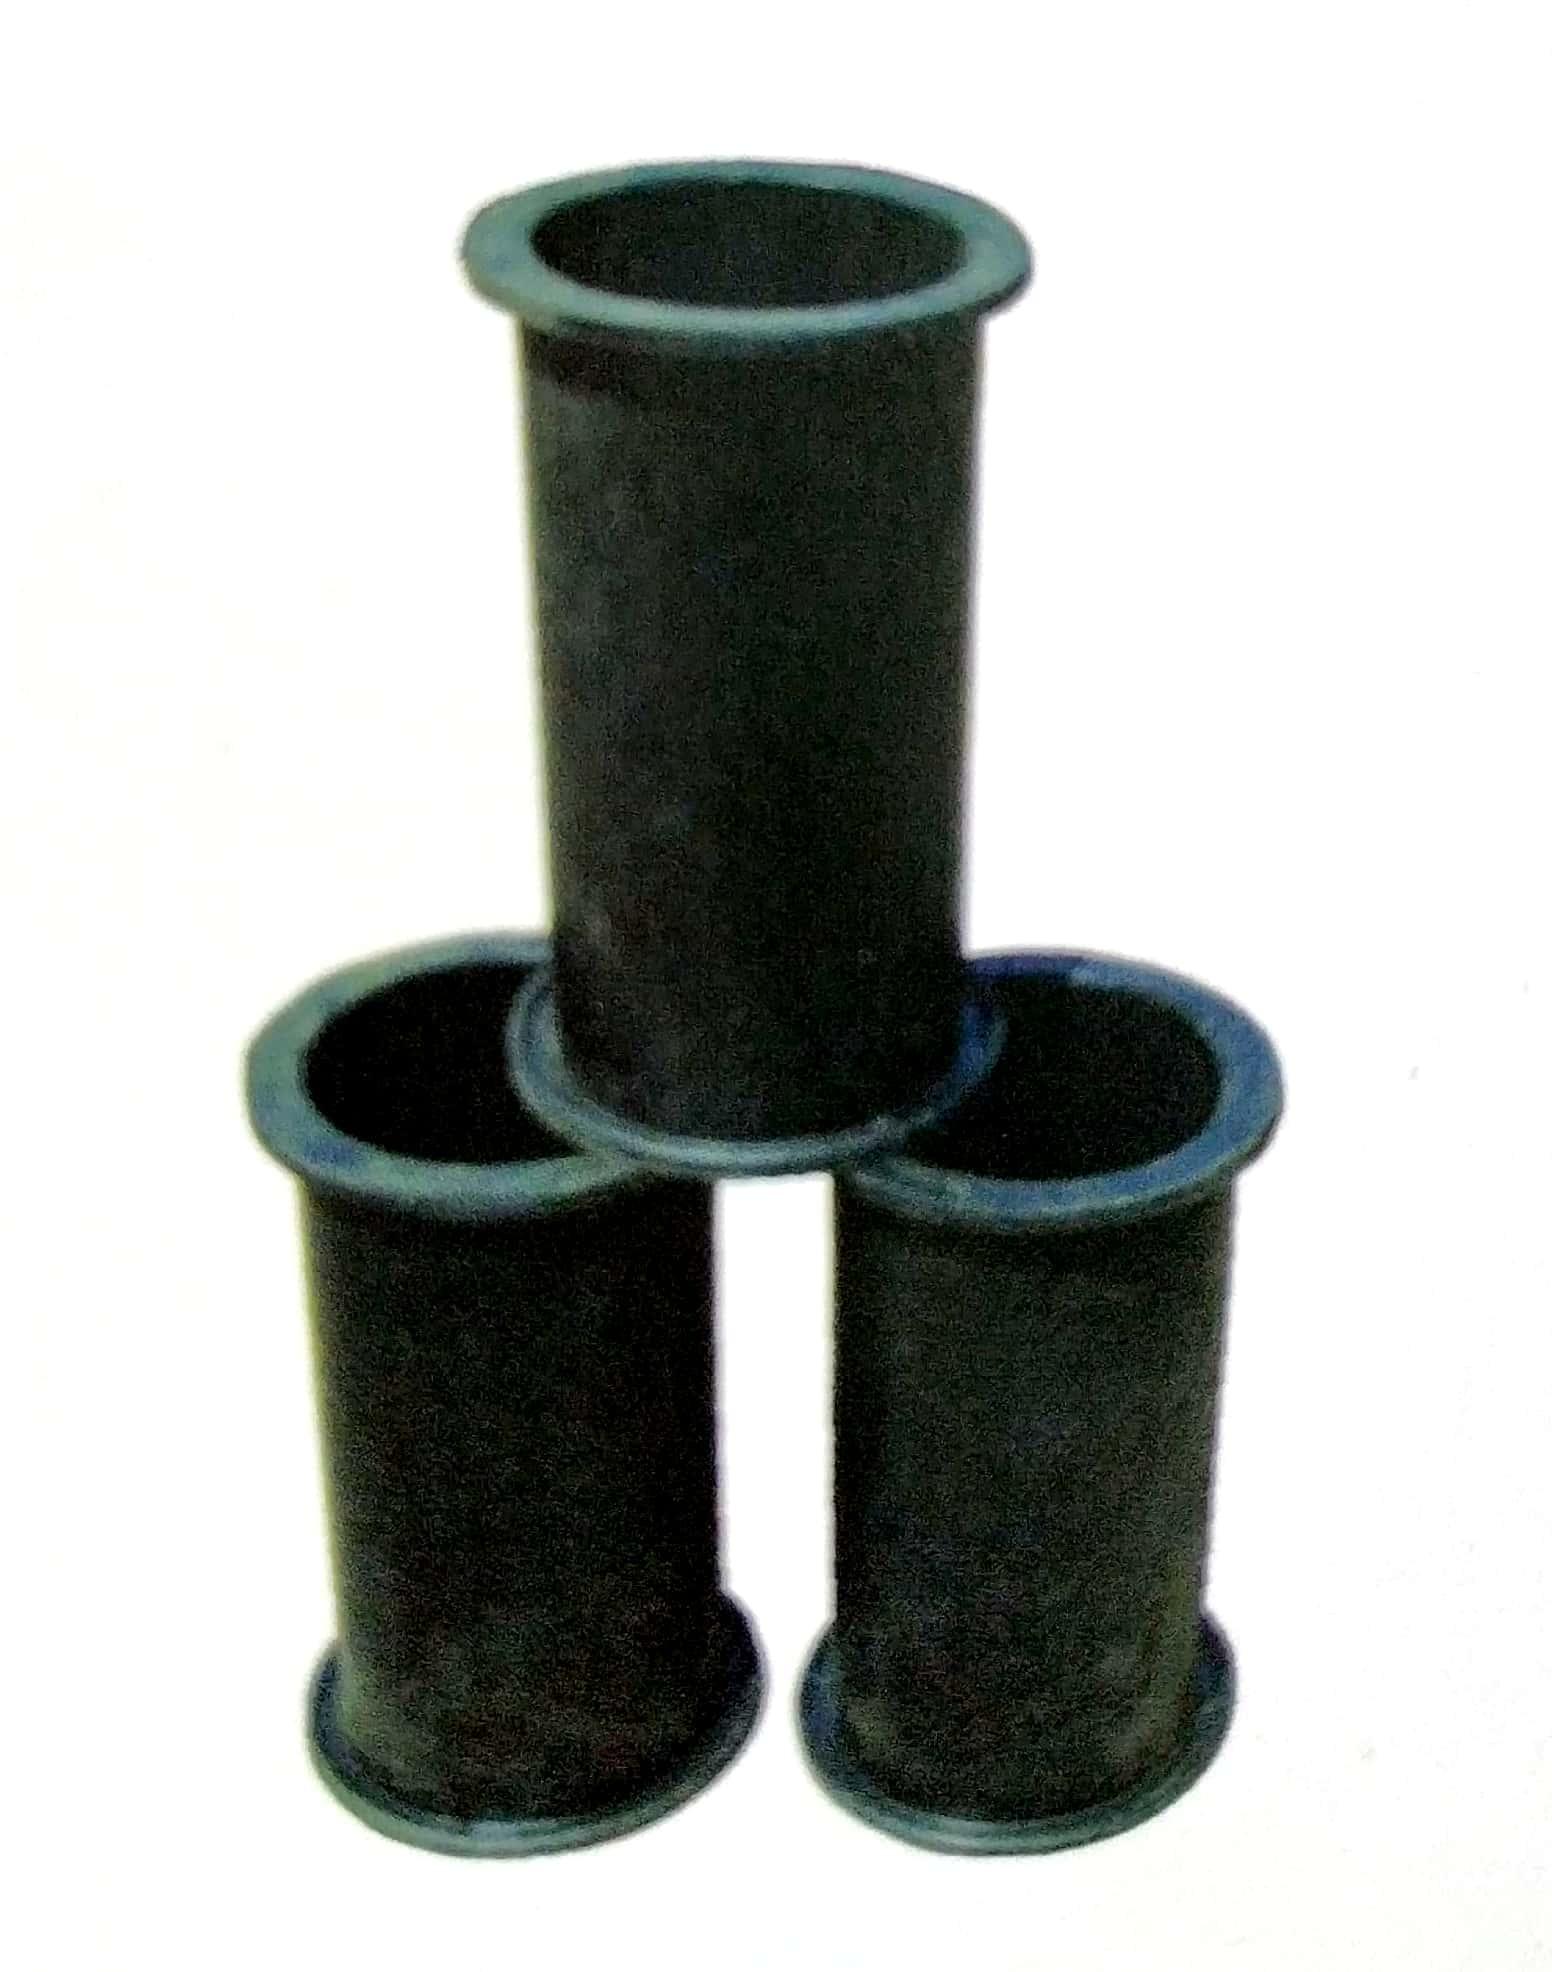 橡胶料腔(高弹性、防粘接)